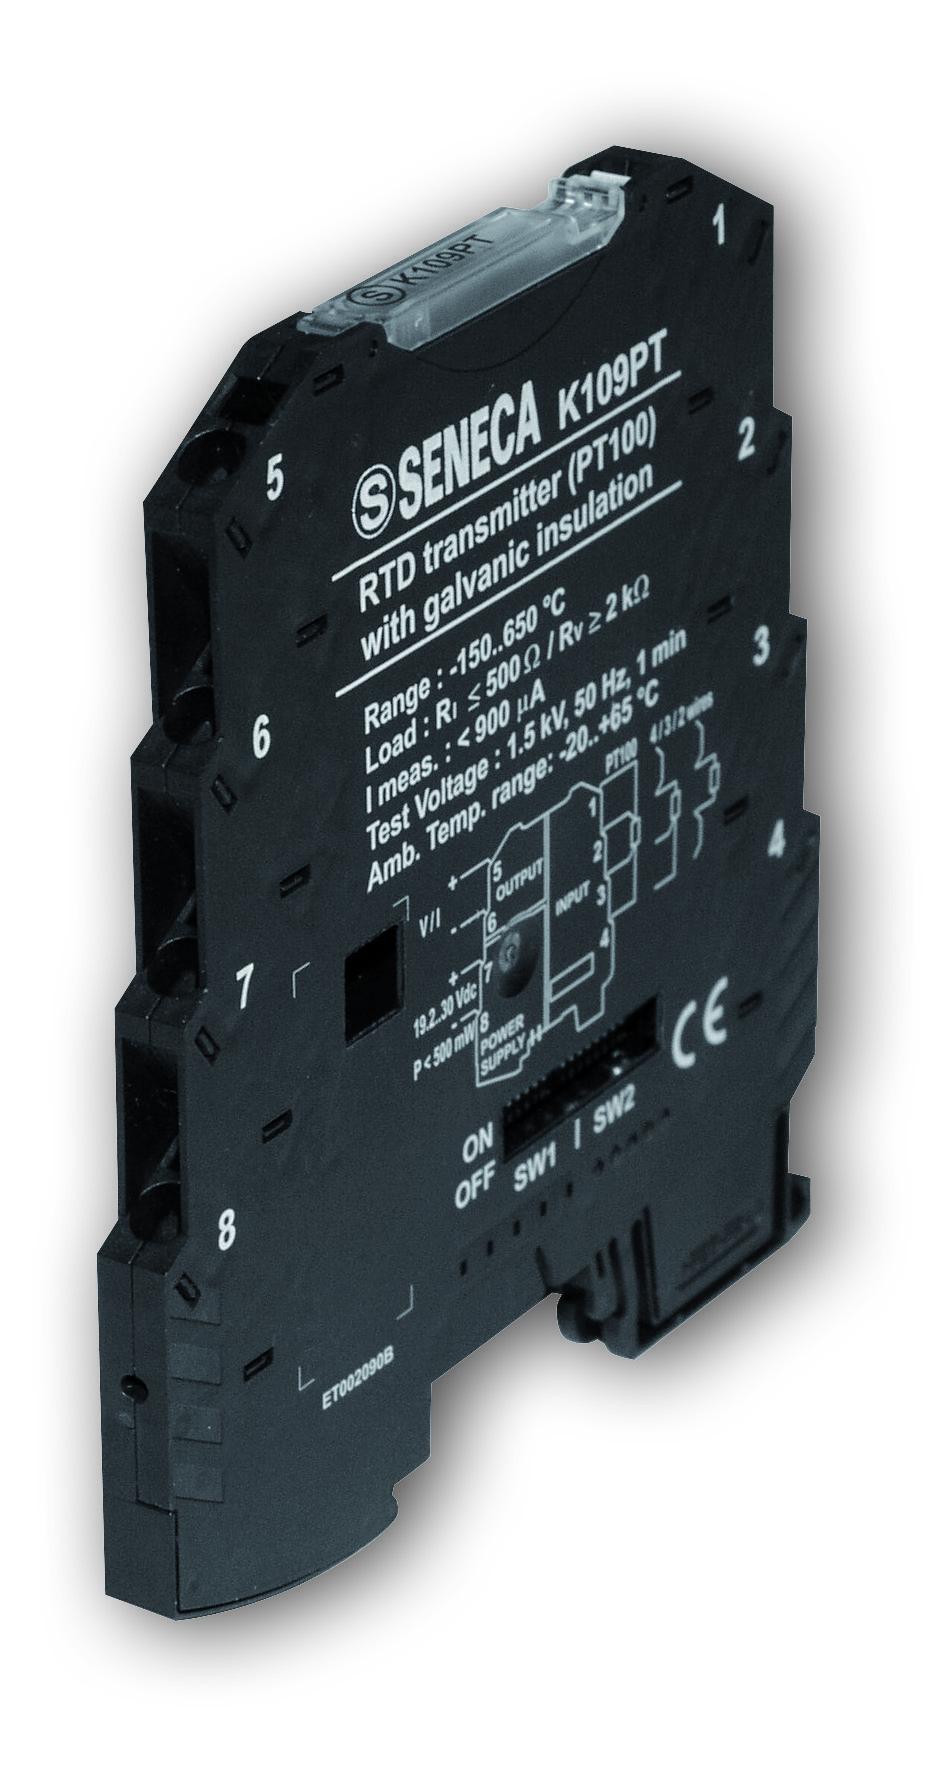 Dynatime Suisse - Convertisseurs industriels - Instruments pour tableau de commande - K109PT